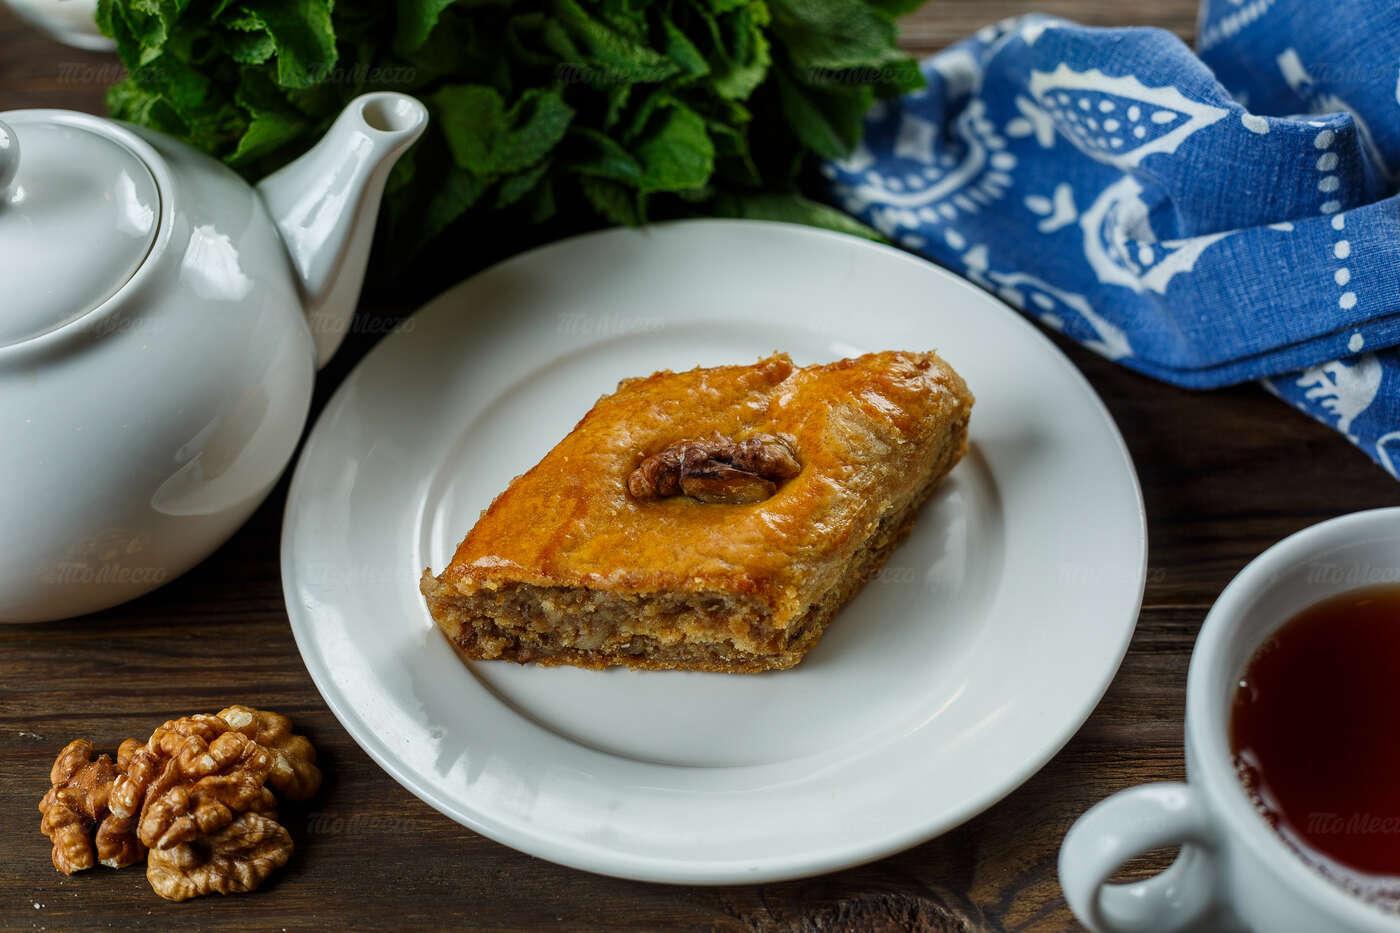 Меню кафе Хинкали & Хачапури на Димитрова фото 16